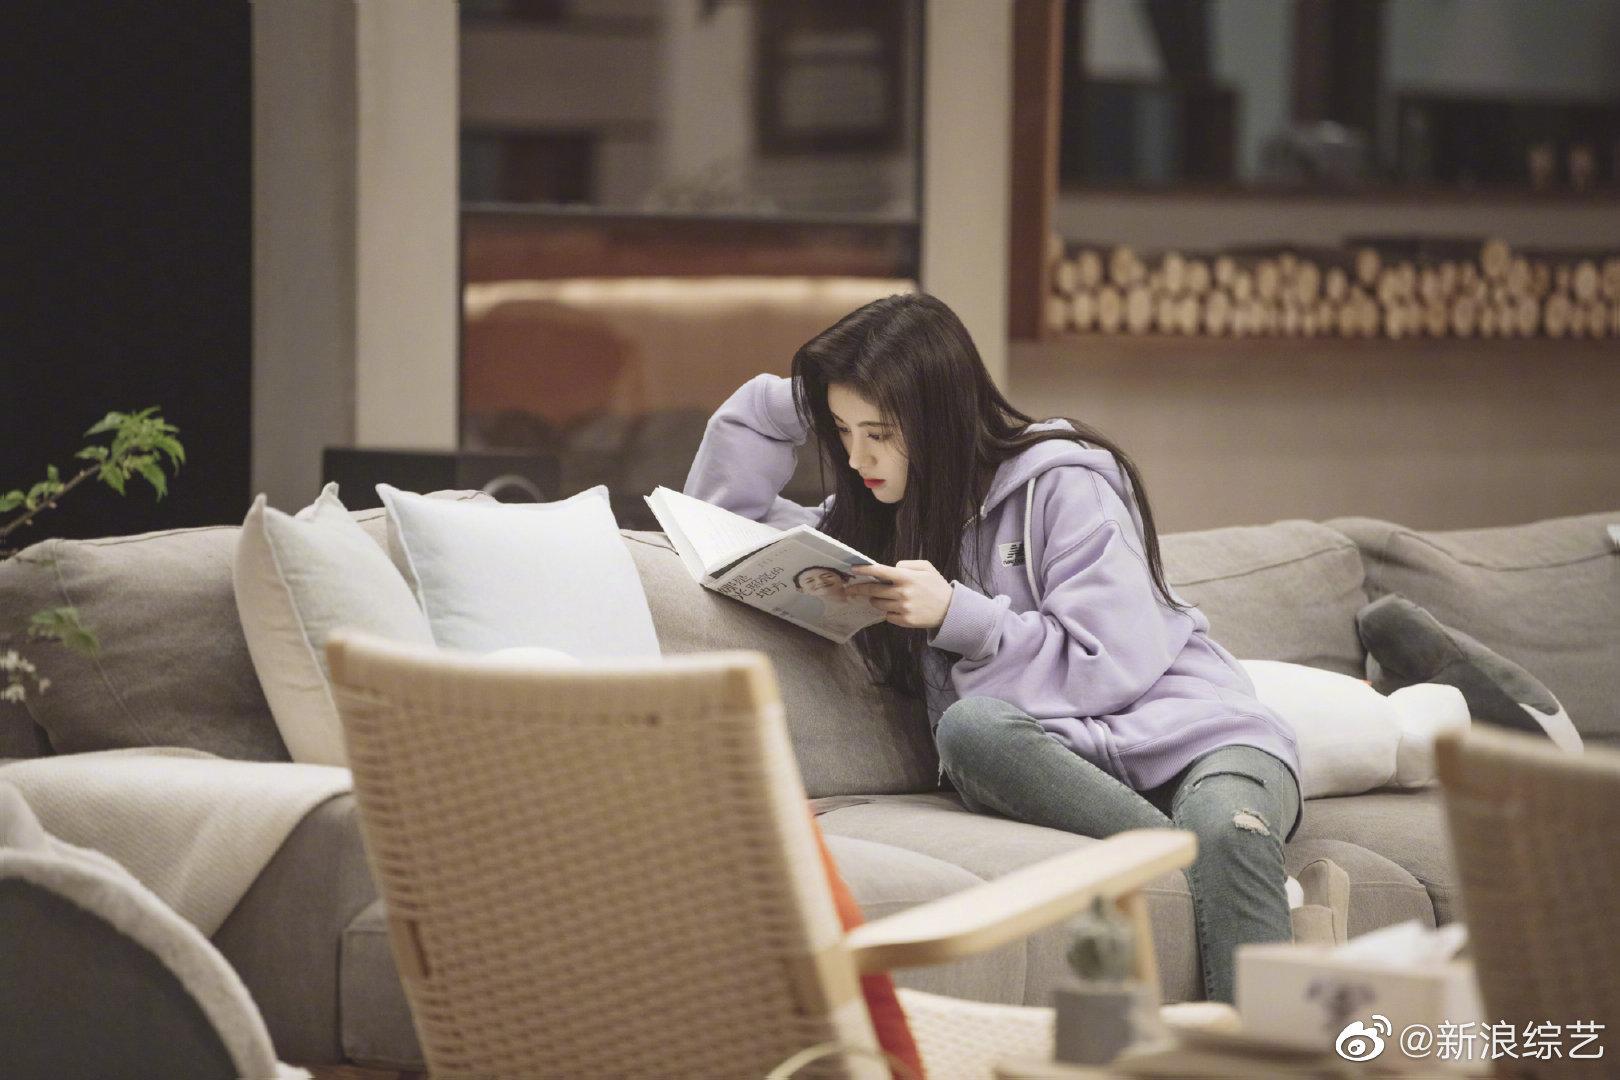 本周《朋友请听好》@鞠婧祎 超美剧照来袭照片中的鞠婧祎穿着紫色休闲